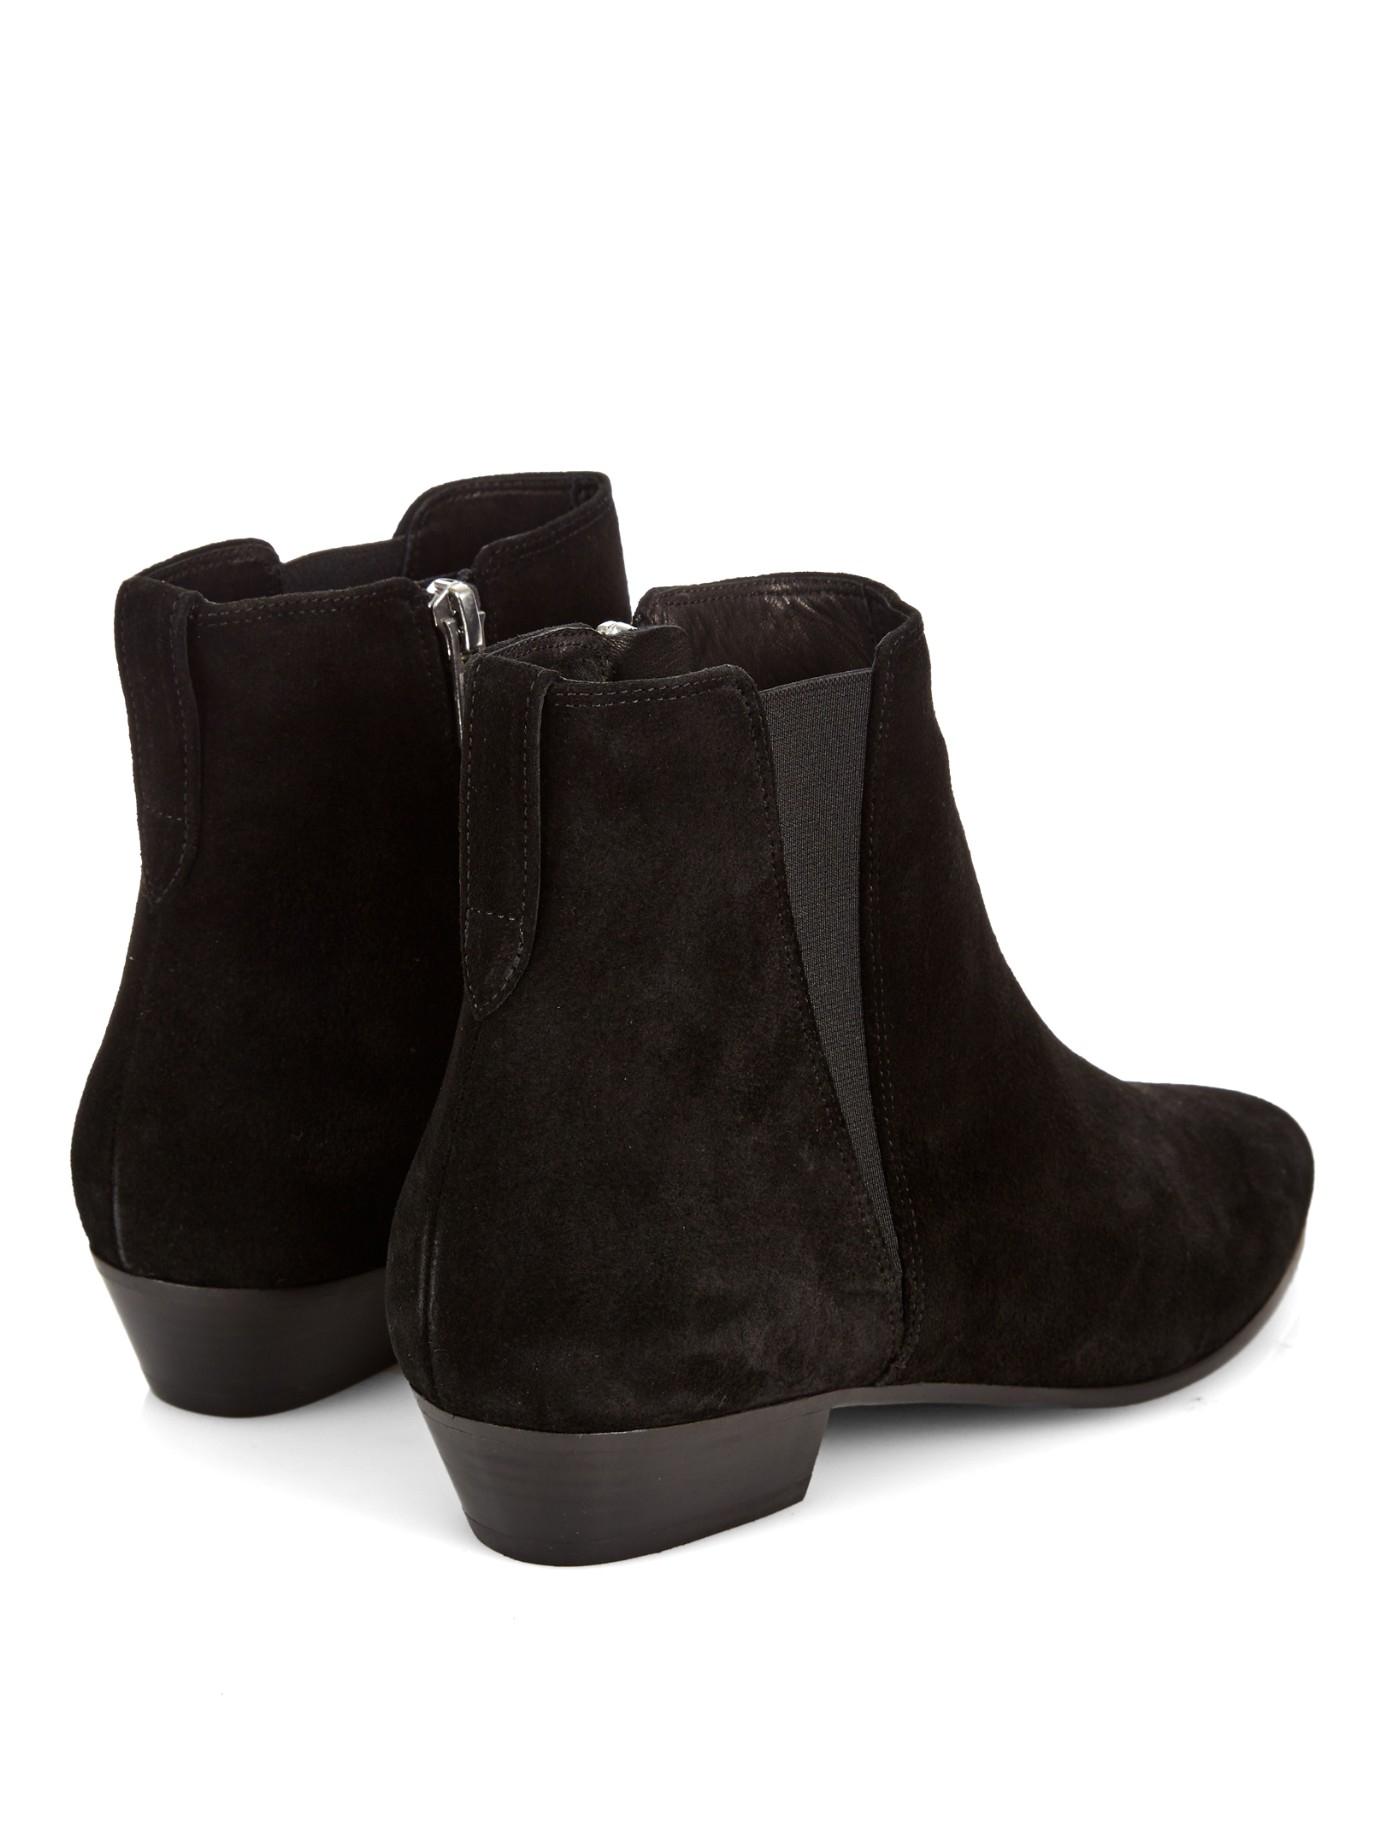 isabel marant patsha suede chelsea boots in black lyst. Black Bedroom Furniture Sets. Home Design Ideas